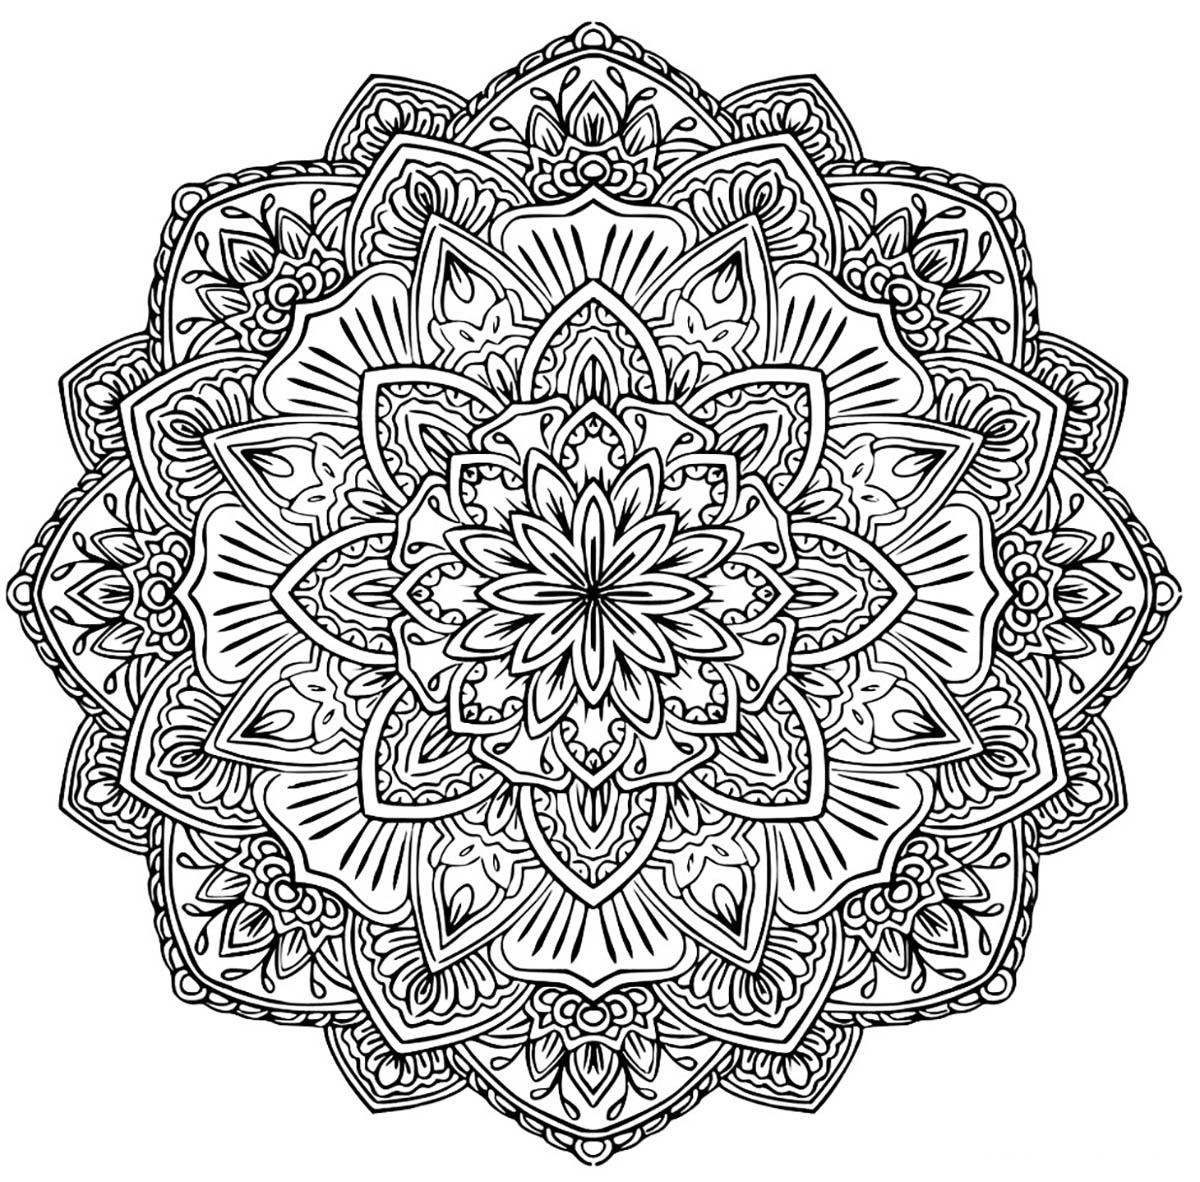 Disegni Da Colorare Mandala Da Stampare.Mandalas 74637 Mandalas Disegni Da Colorare Per Adulti